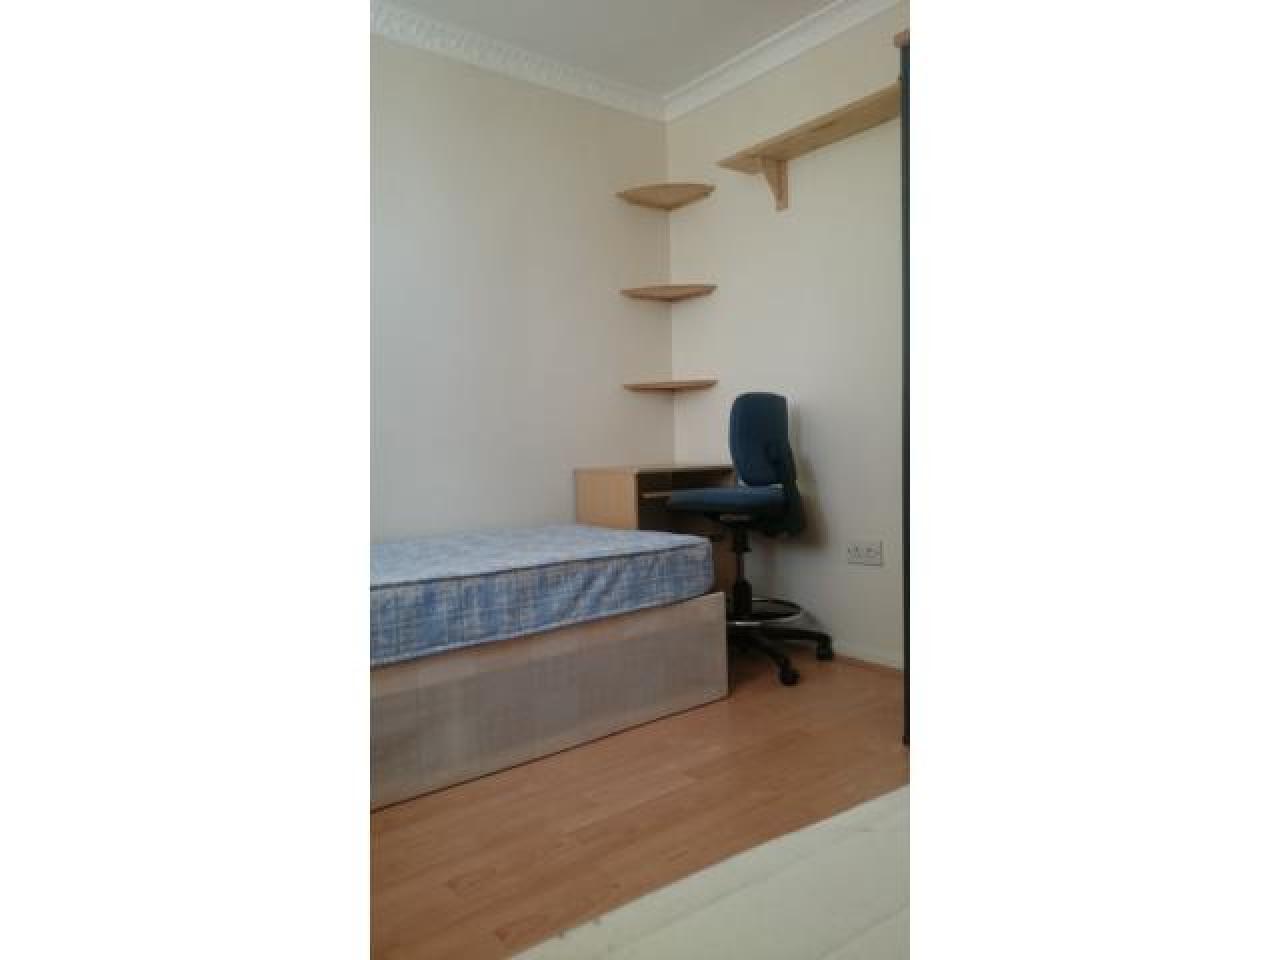 Двухместная комната недалеко от Canary Wharf (2 зона) в большом доме со всеми удобствами - 6